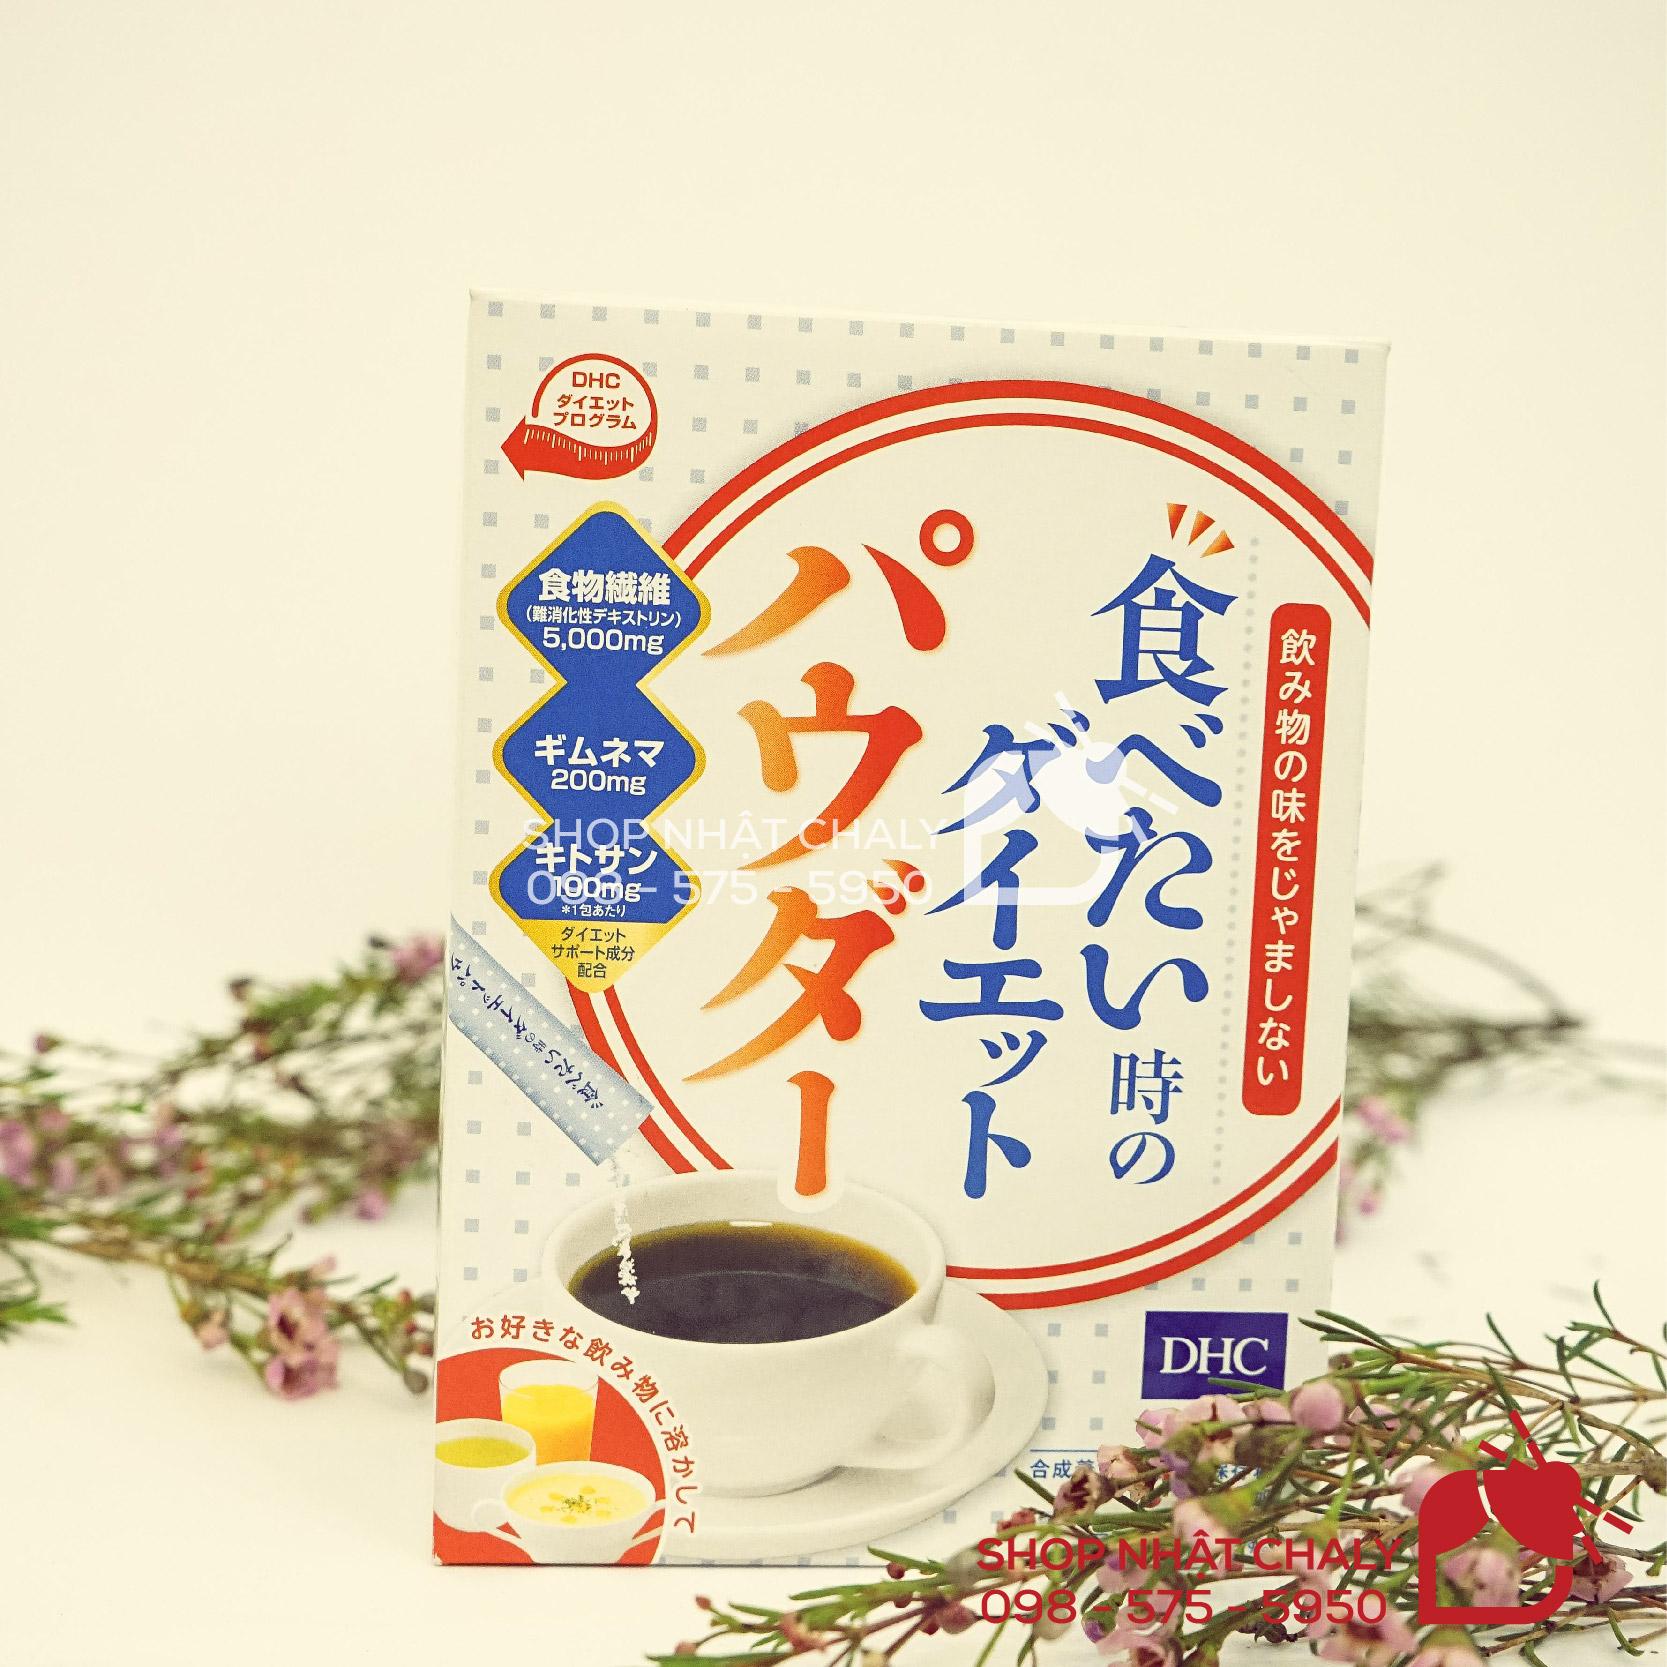 Bột giảm cân của DHC Nhật có công thức bổ sung 5000mg chất xơ thực vật, cùng 200mg gymnema và 100mg chitosan, vừa giảm hấp thụ đường và mỡ, vừa giúp điều chỉnh lượng ăn, trị táo bón, hỗ trợ giảm cân, đẹp da